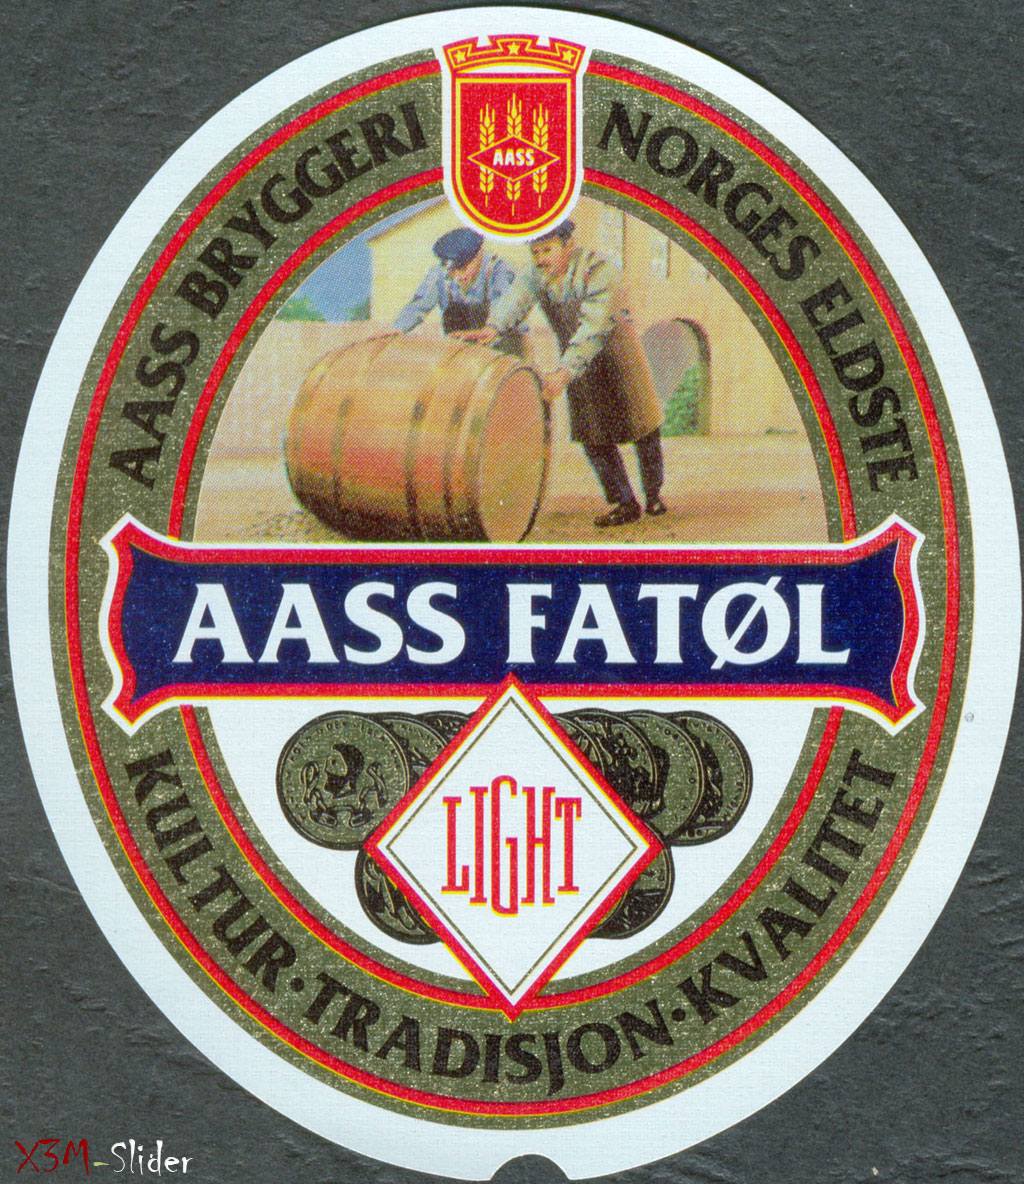 AASS - Fatol Light